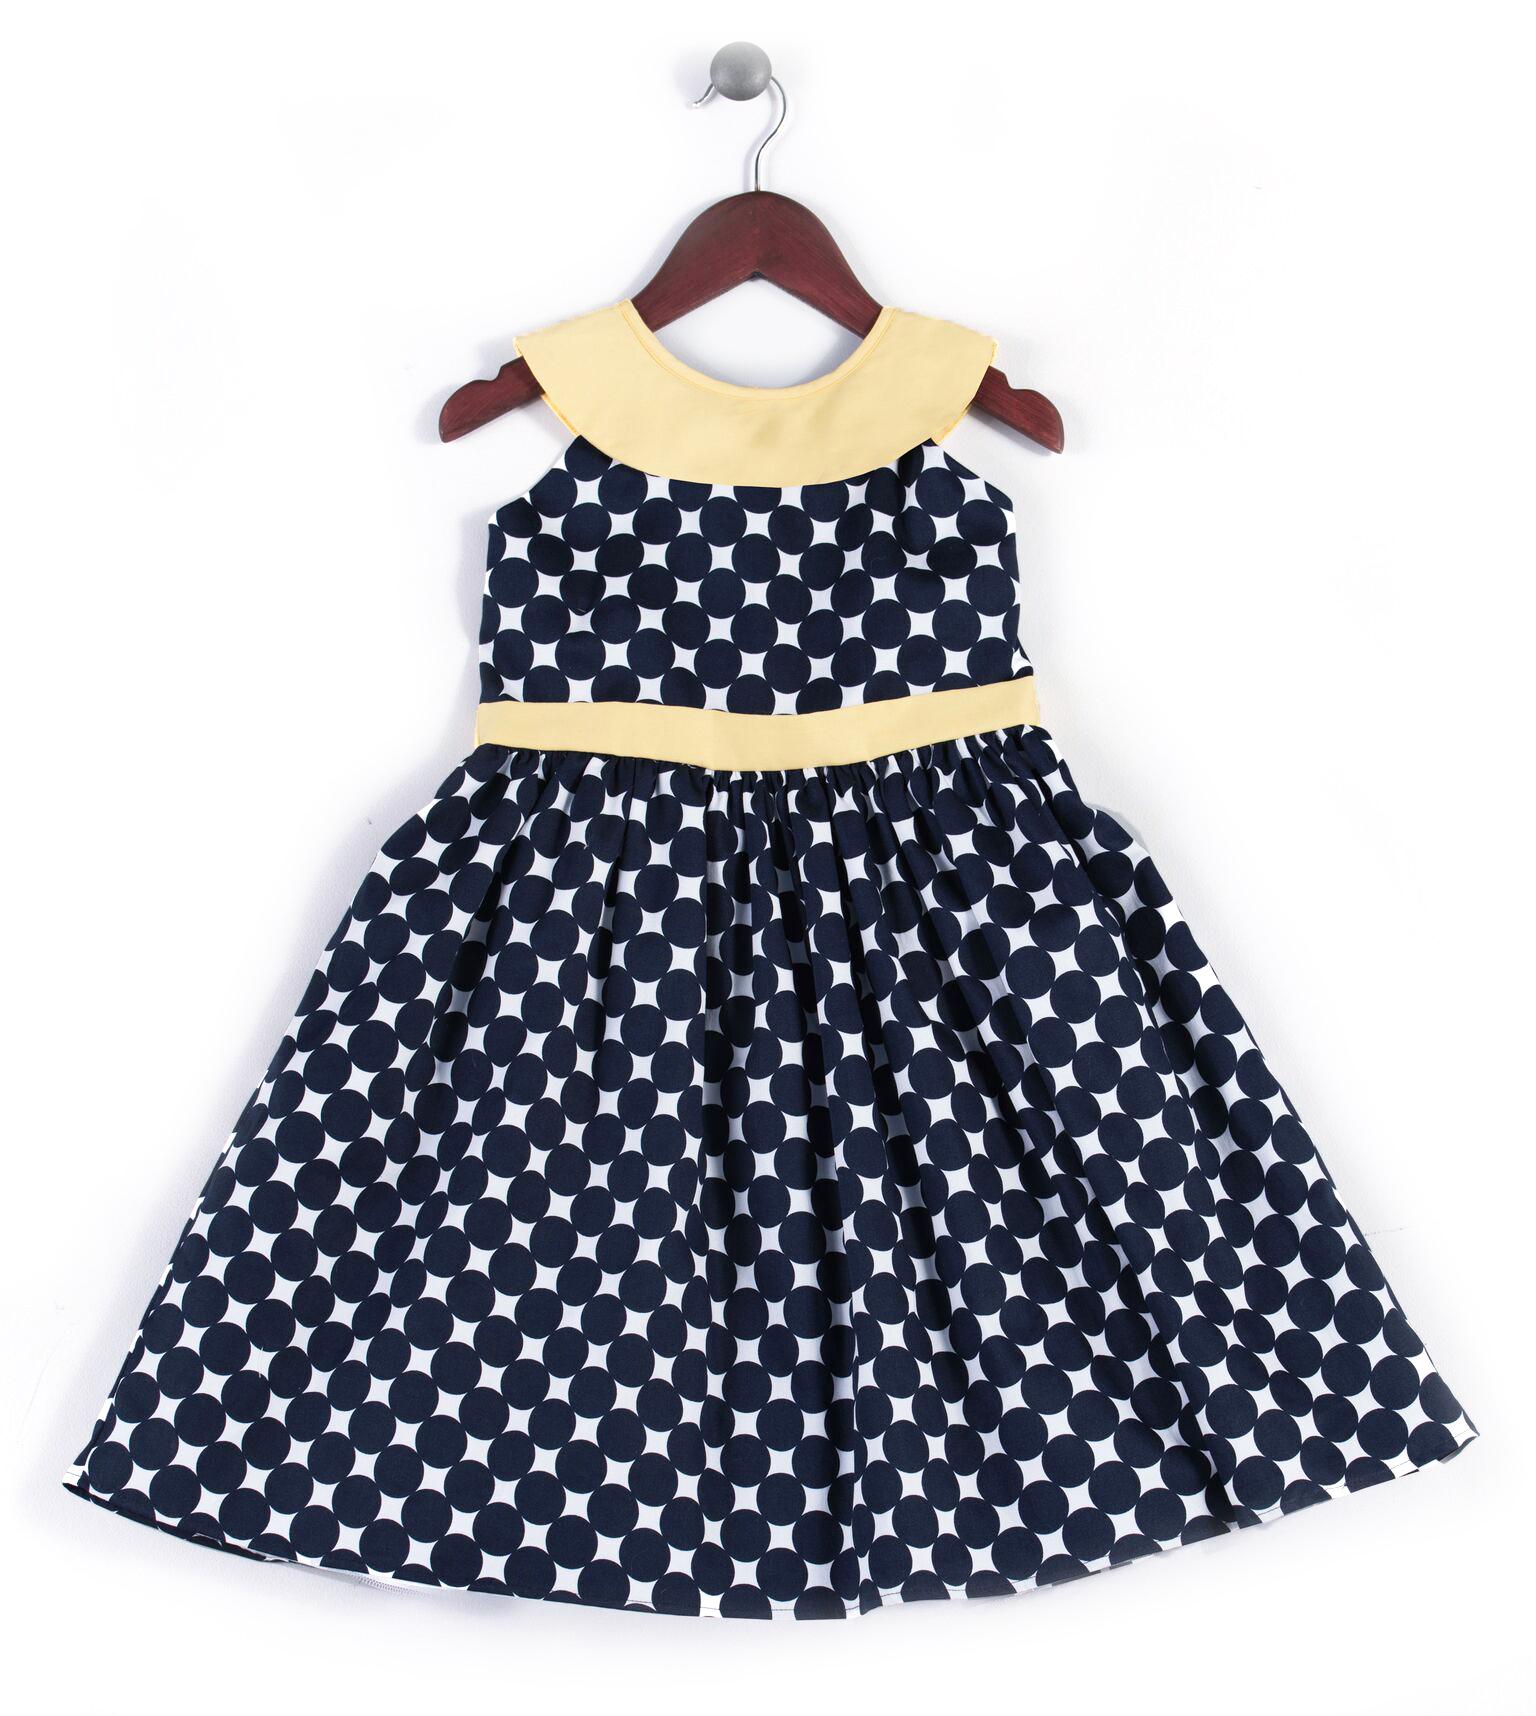 Joe and Ella Fashion Dievčenské šaty Dolly bodkované - čierno-žlté ... 7552bcba56c